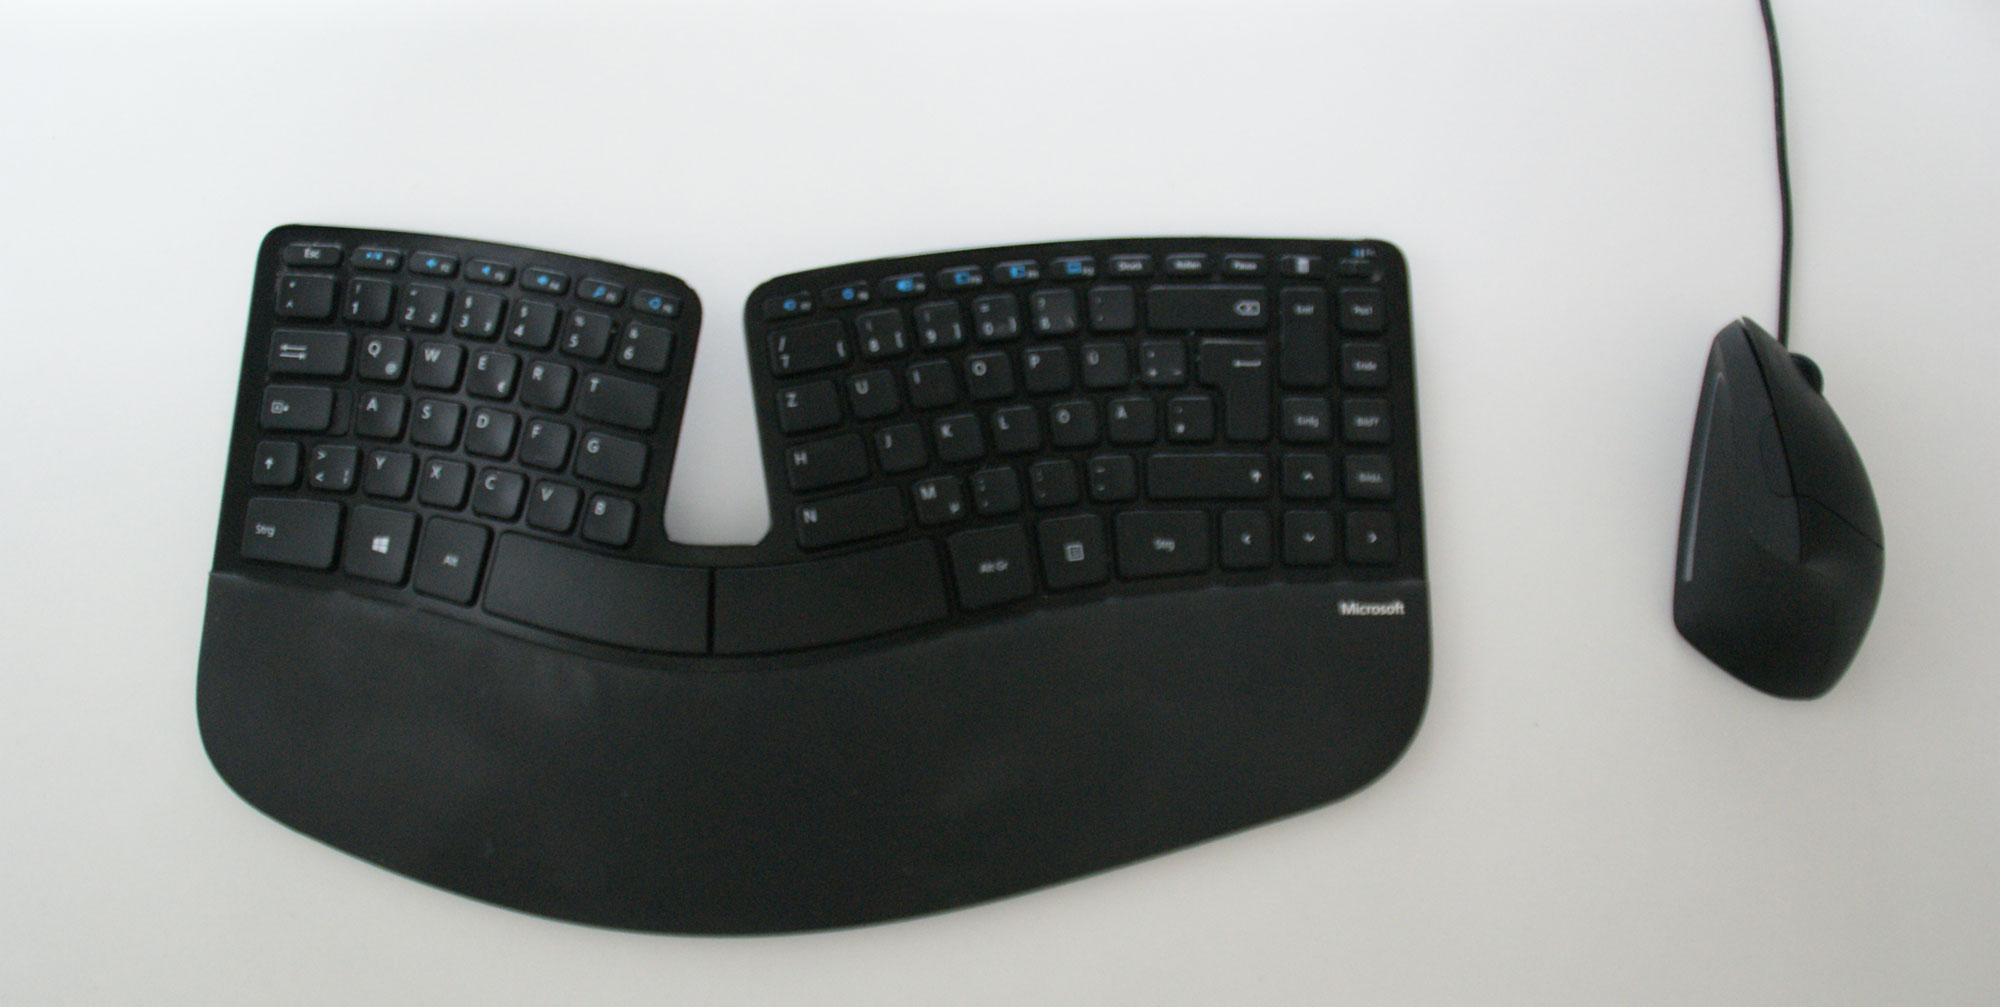 Ergonomische tastatur und maus  Home - ergonomische-maus-tastatur.de